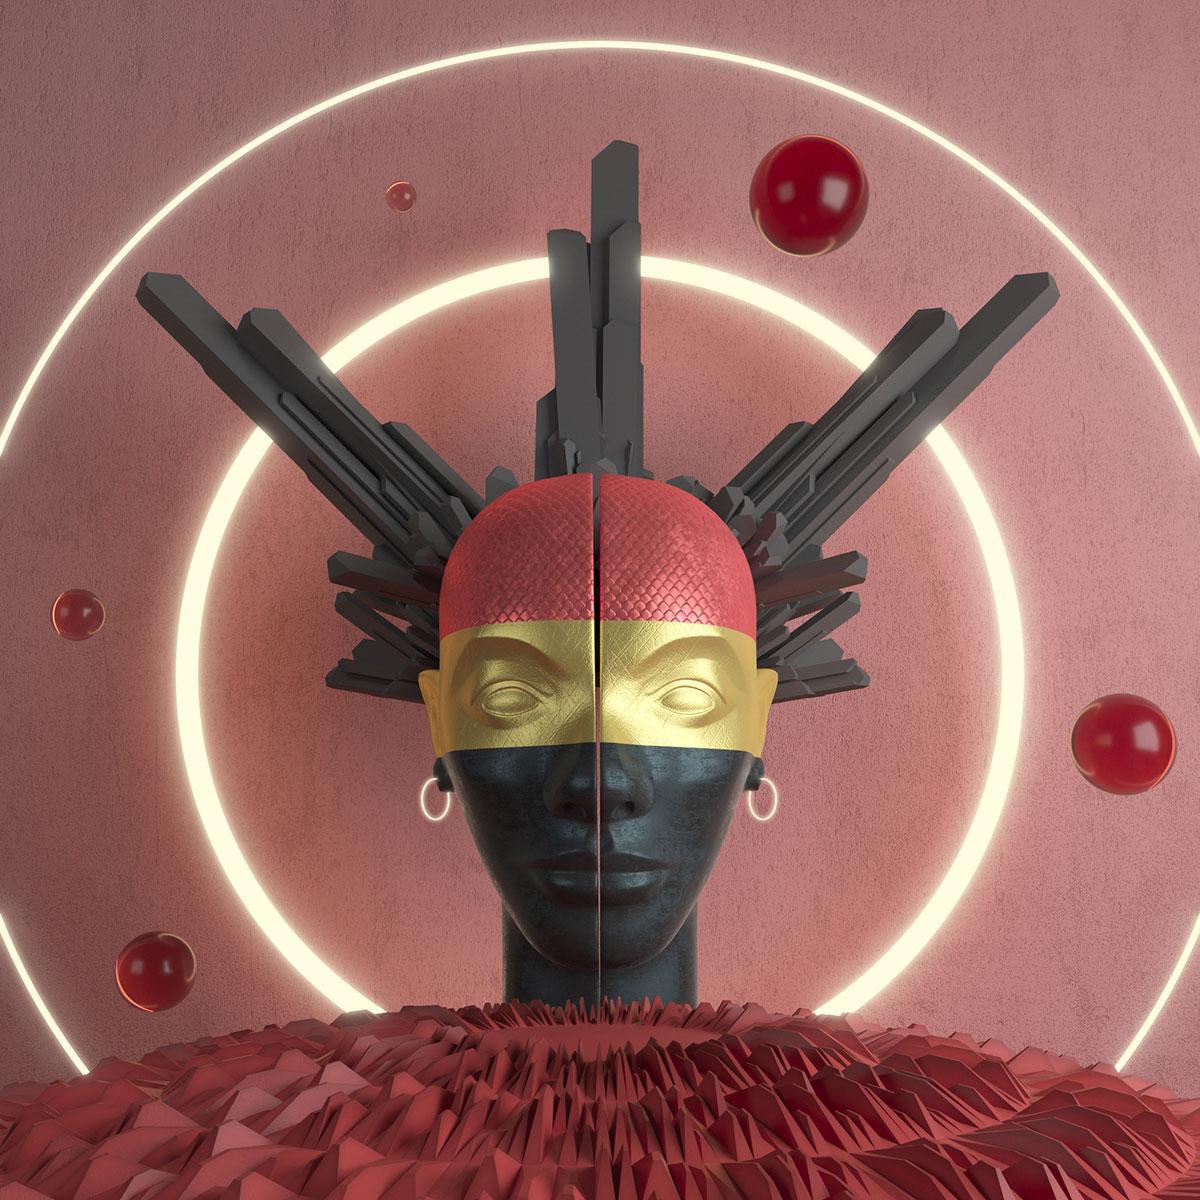 Γλυπτική του προσώπου με μαύρο, χρυσό και κόκκινο πρόσωπο.